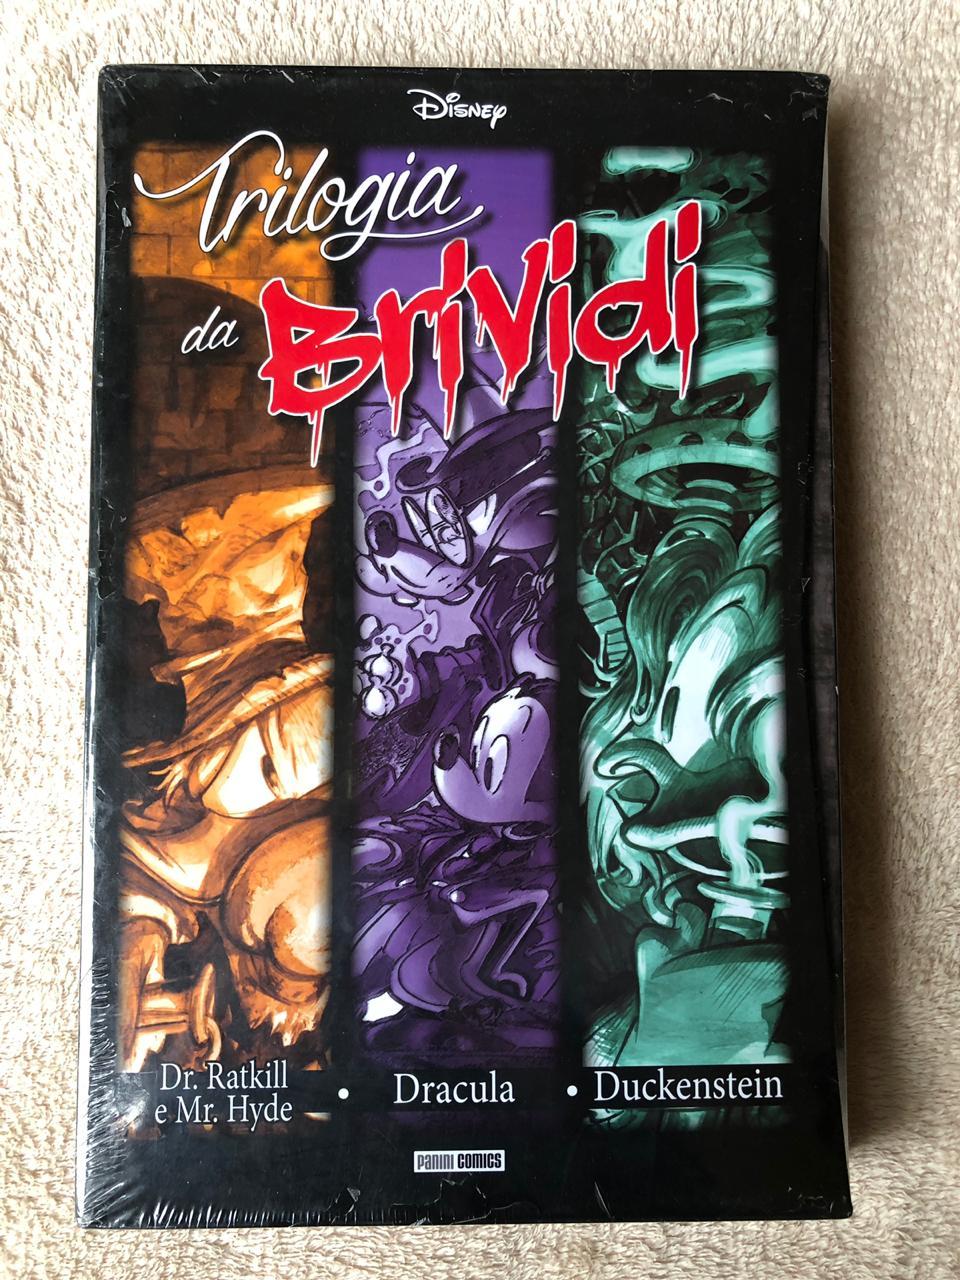 5° lote - Box com três revistas italianas – Drácula, Duckstein, Dr. Ratkill e Mr. Hyde (importada, capa dura)